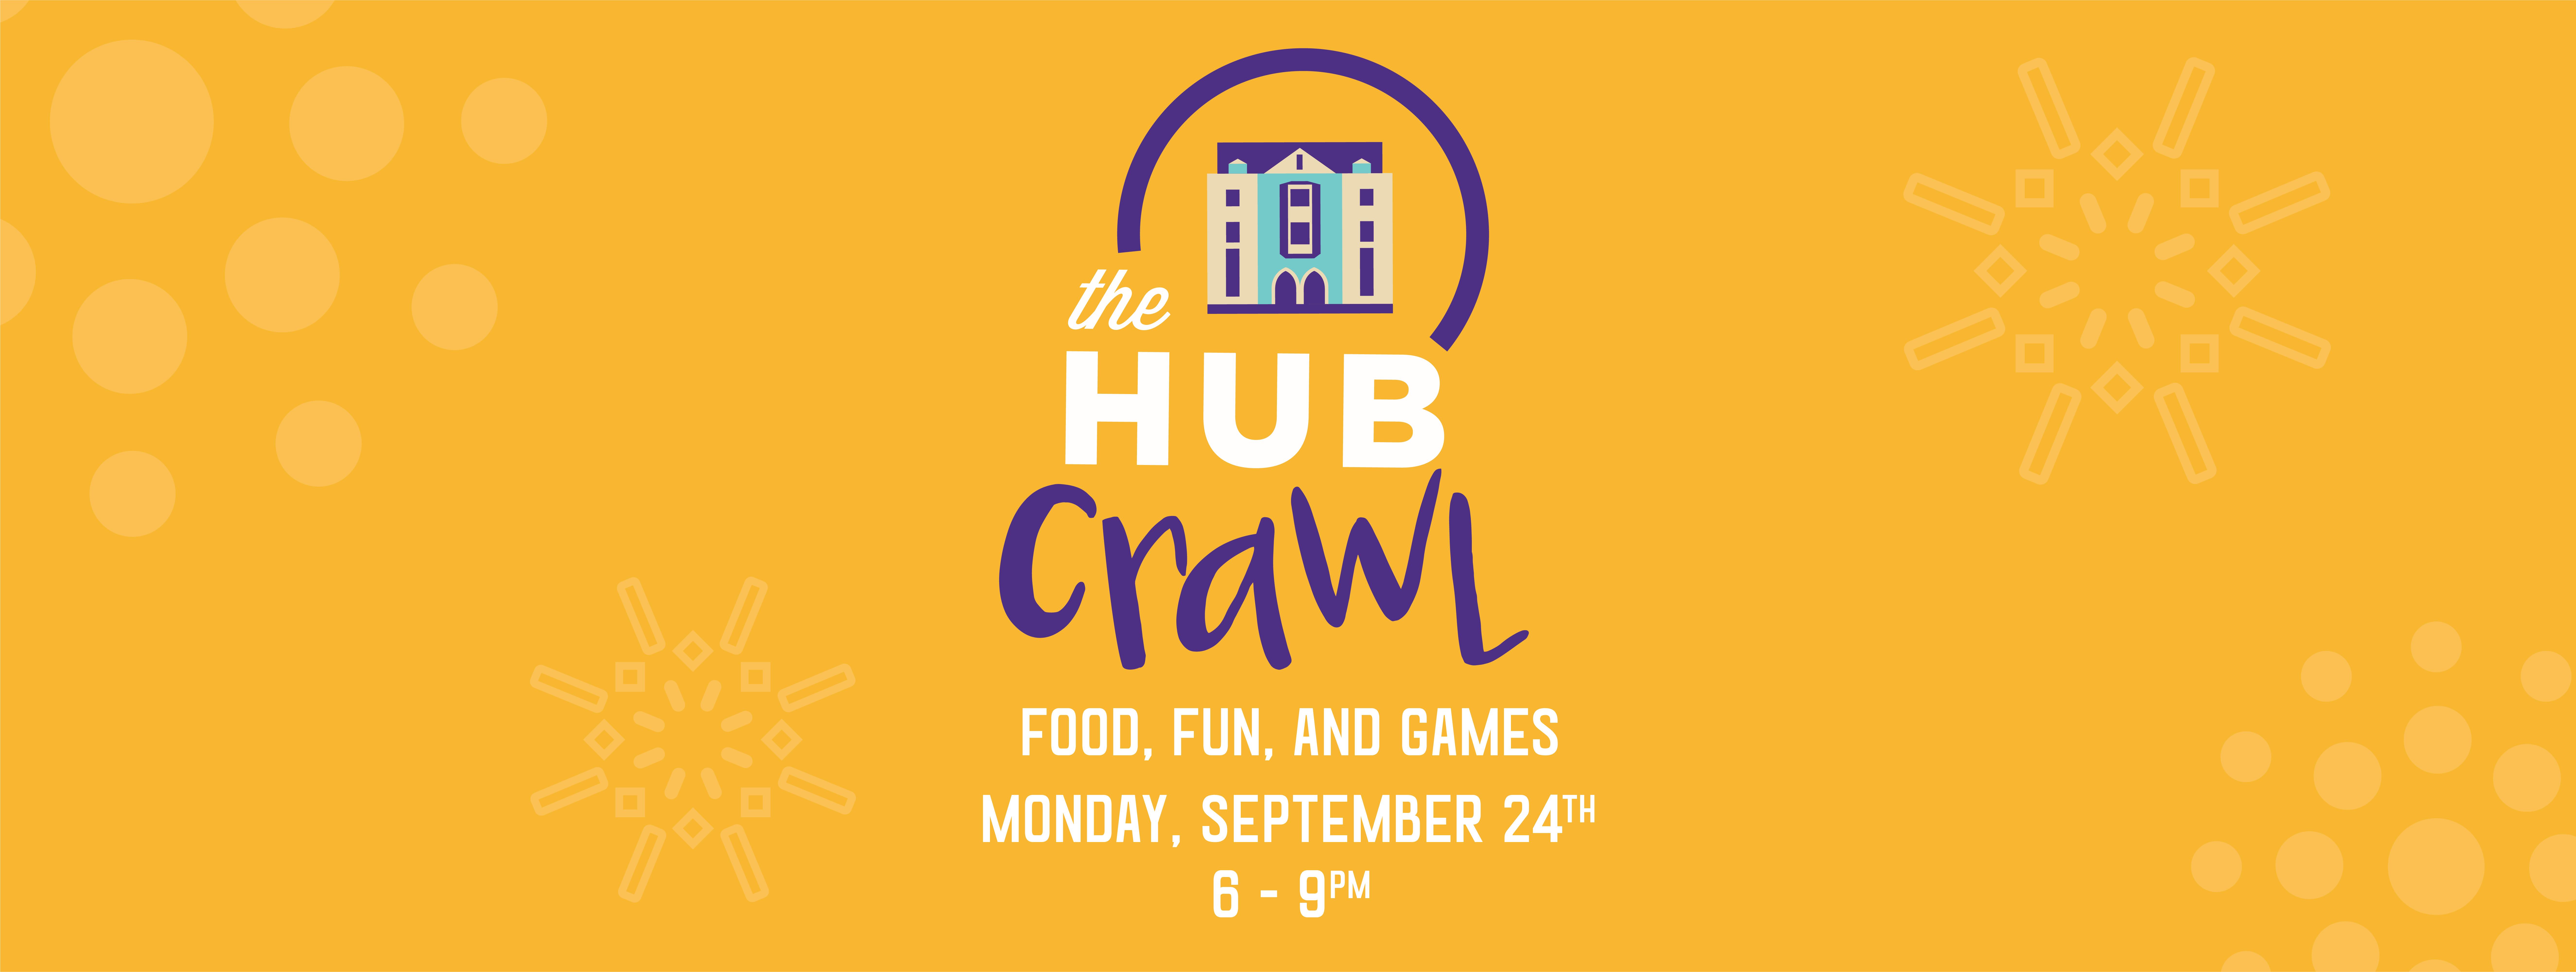 HUB Crawl